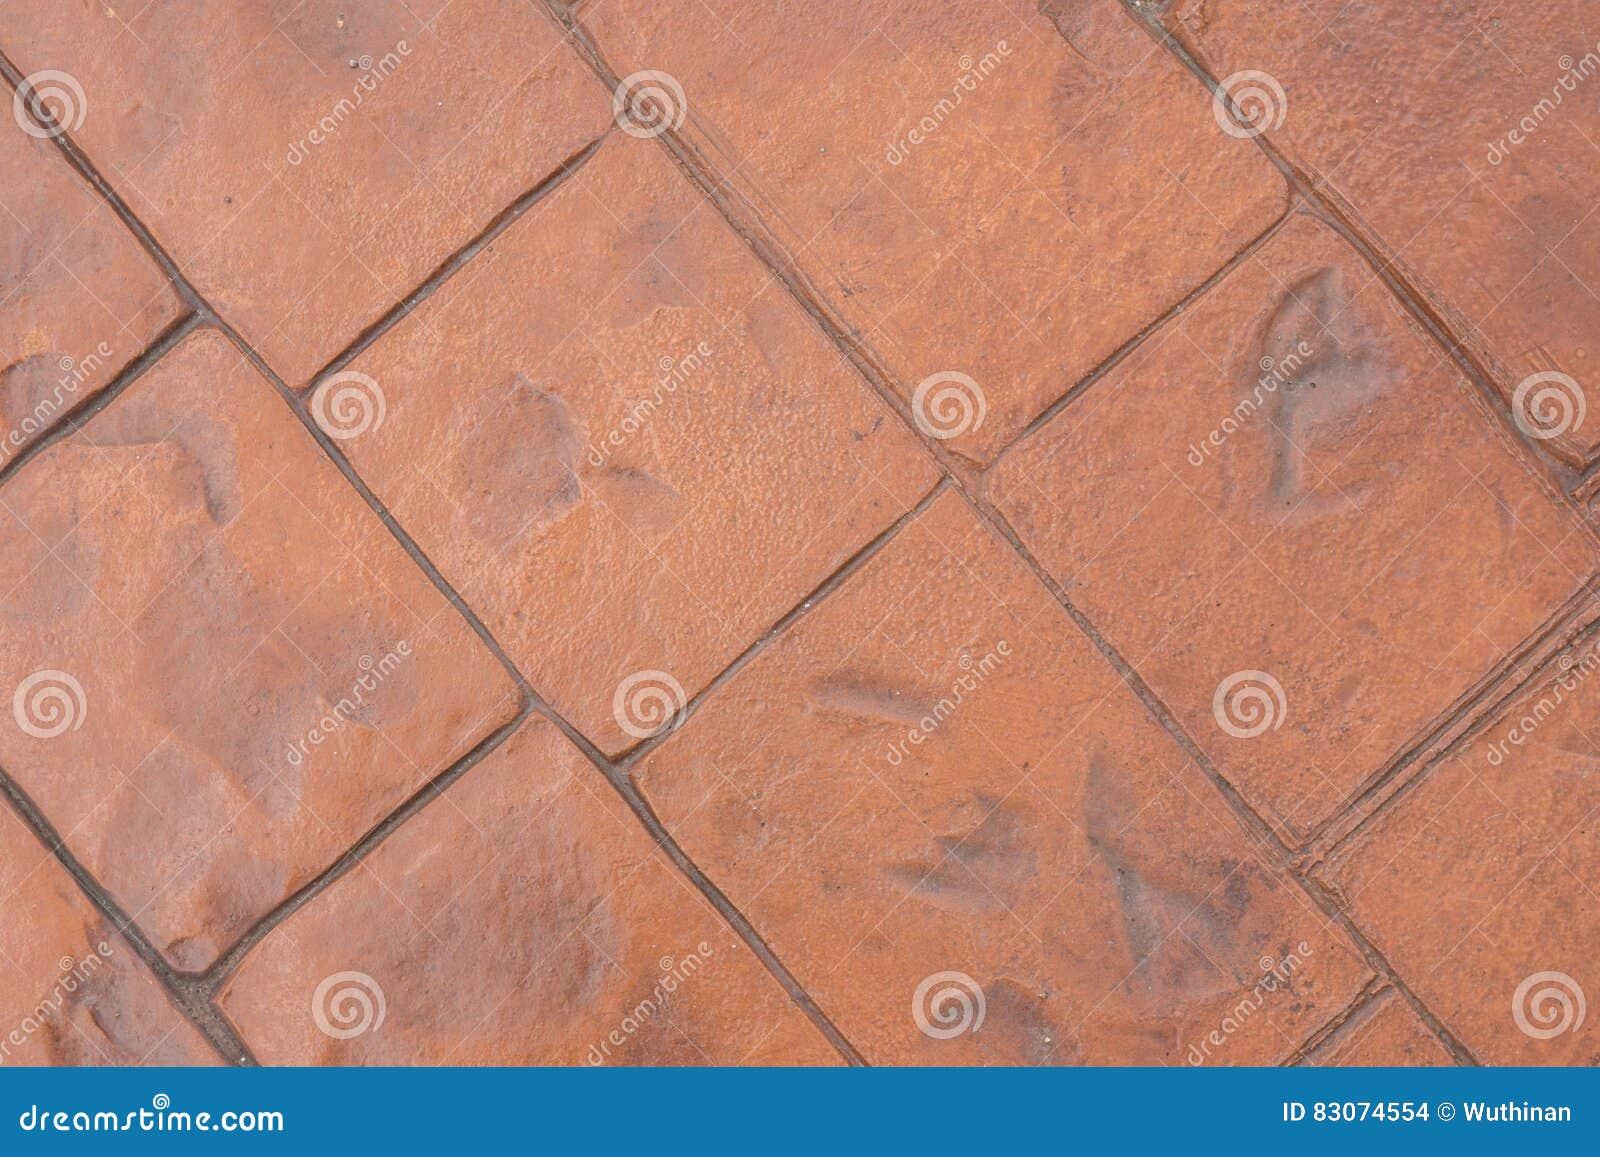 Напечатанный бетон бетон в курской области купить